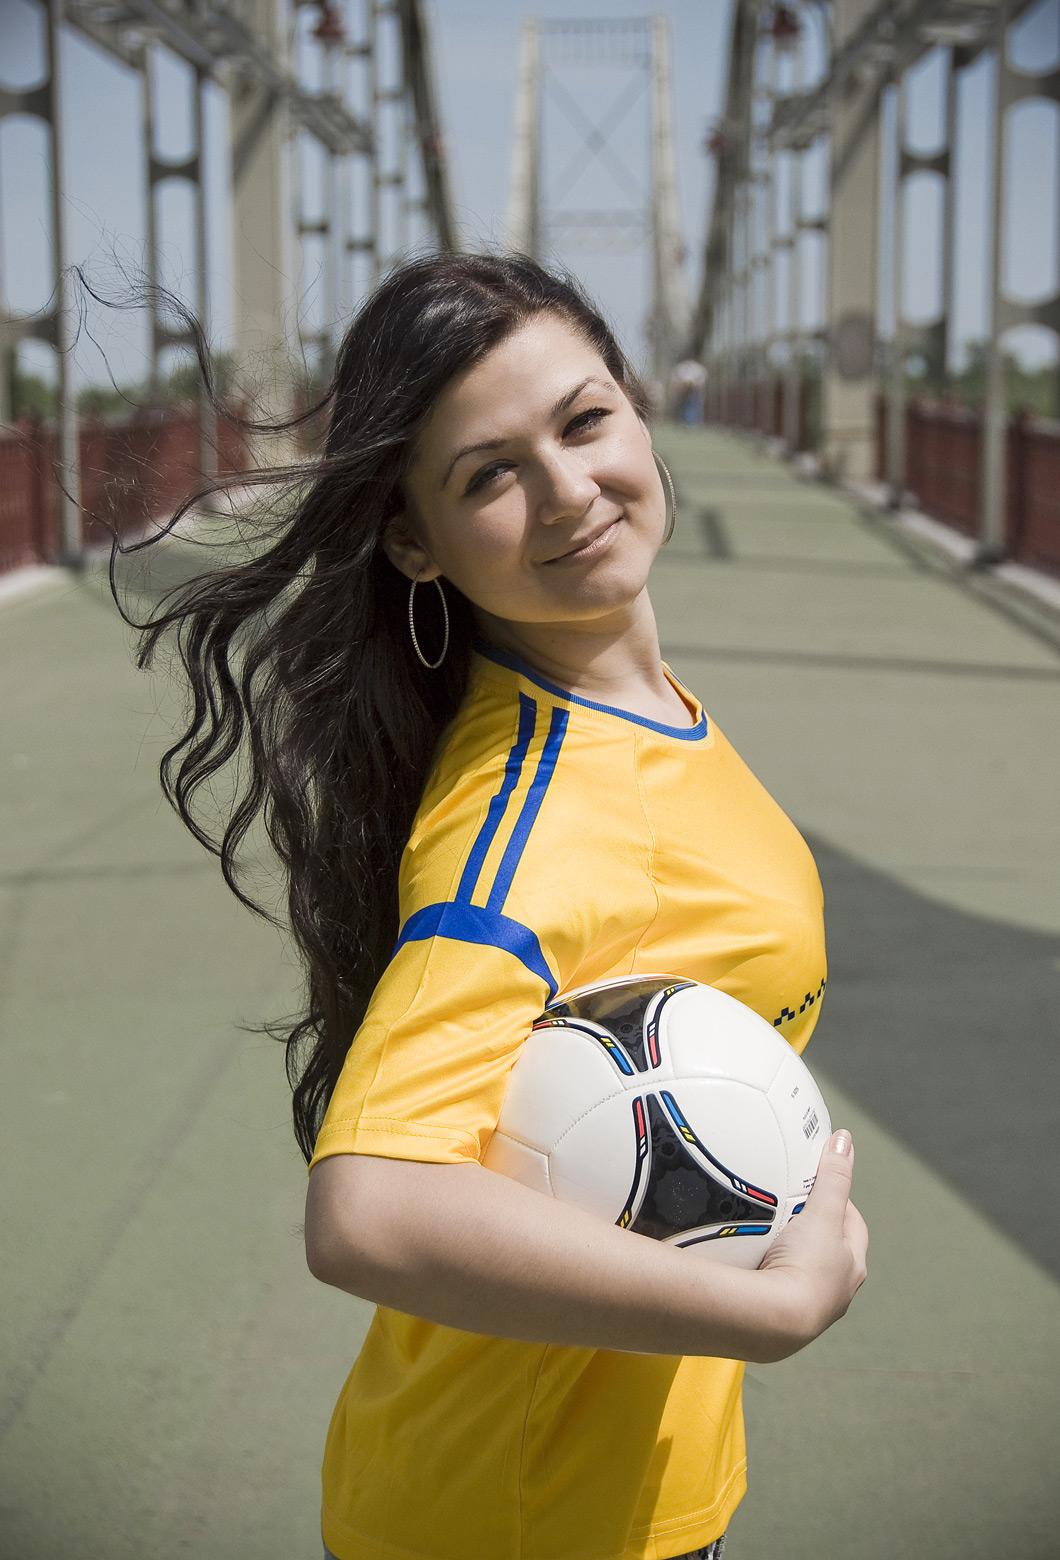 Симпатичные девушки фанатки спартака фото 12 фотография